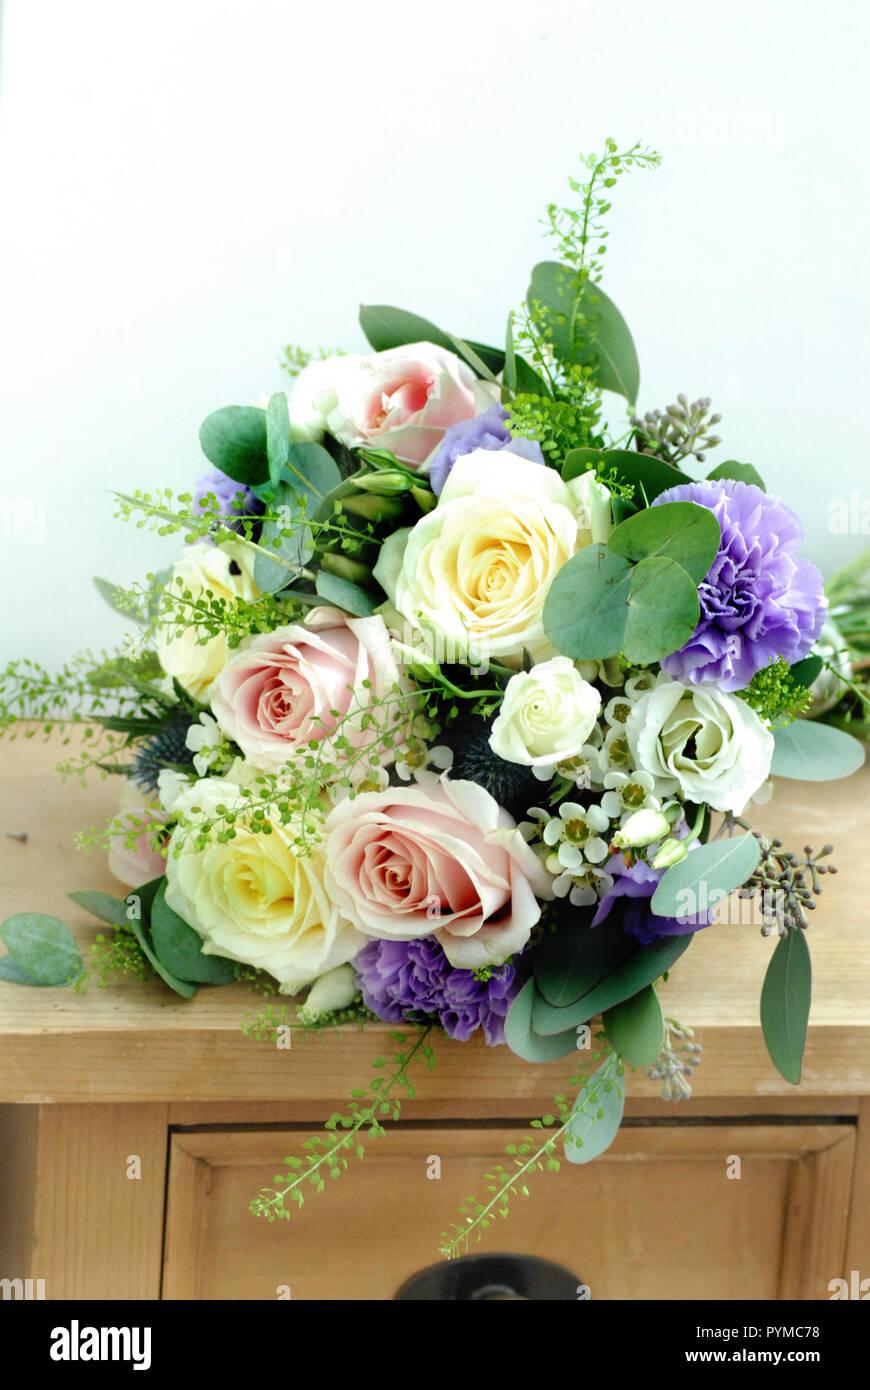 Pastel Bridal Bouquet - Stock Image